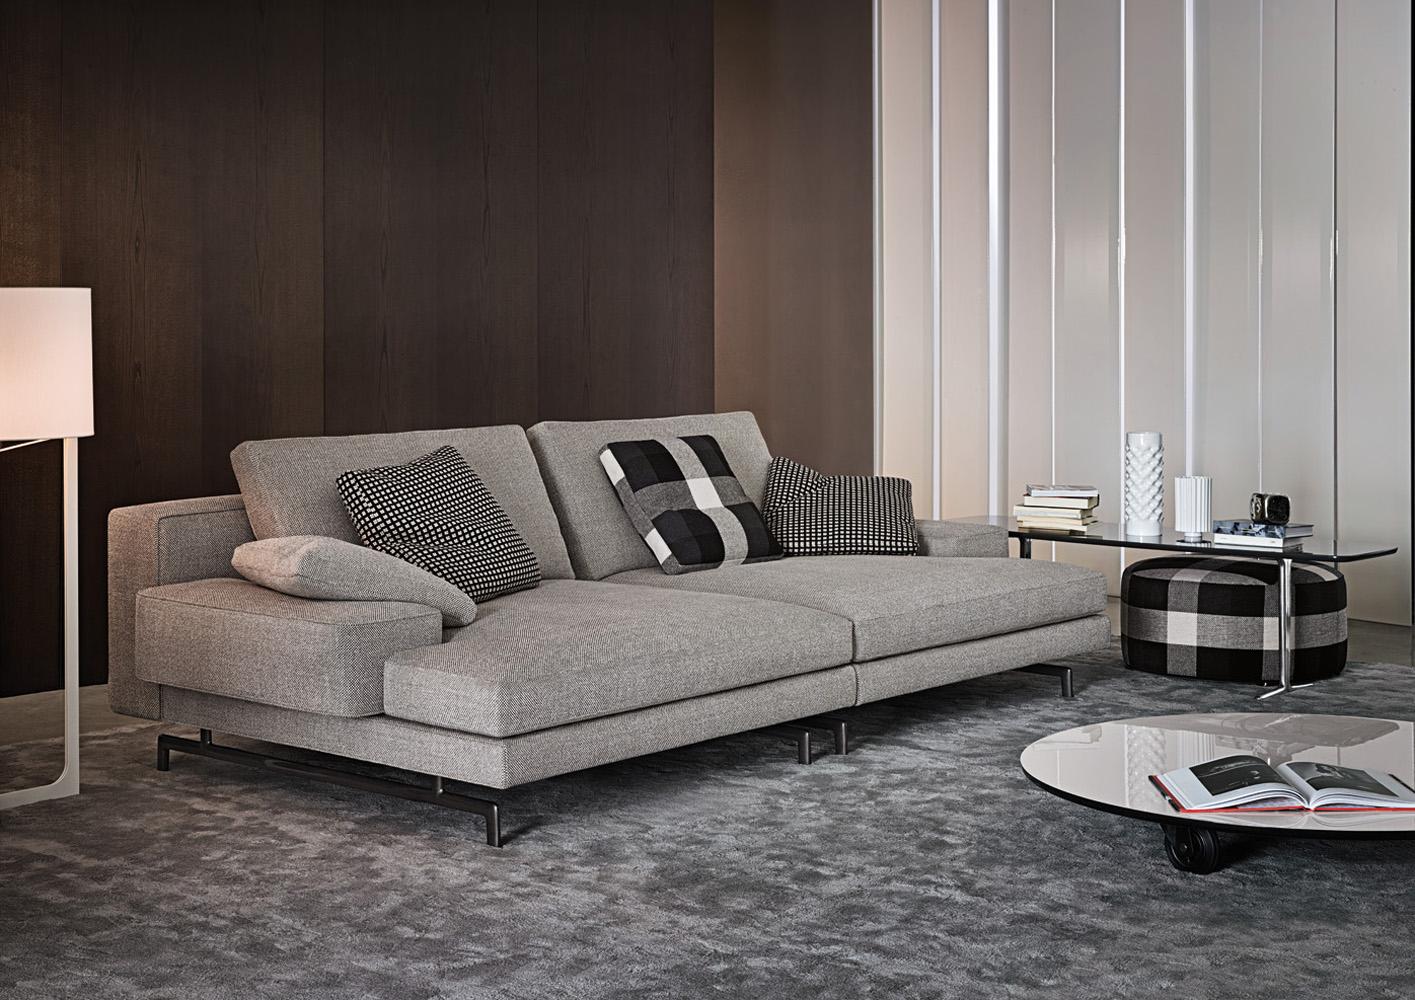 Sherman di minotti divani e poltrone arredamento mollura home design - Divano profondo ...